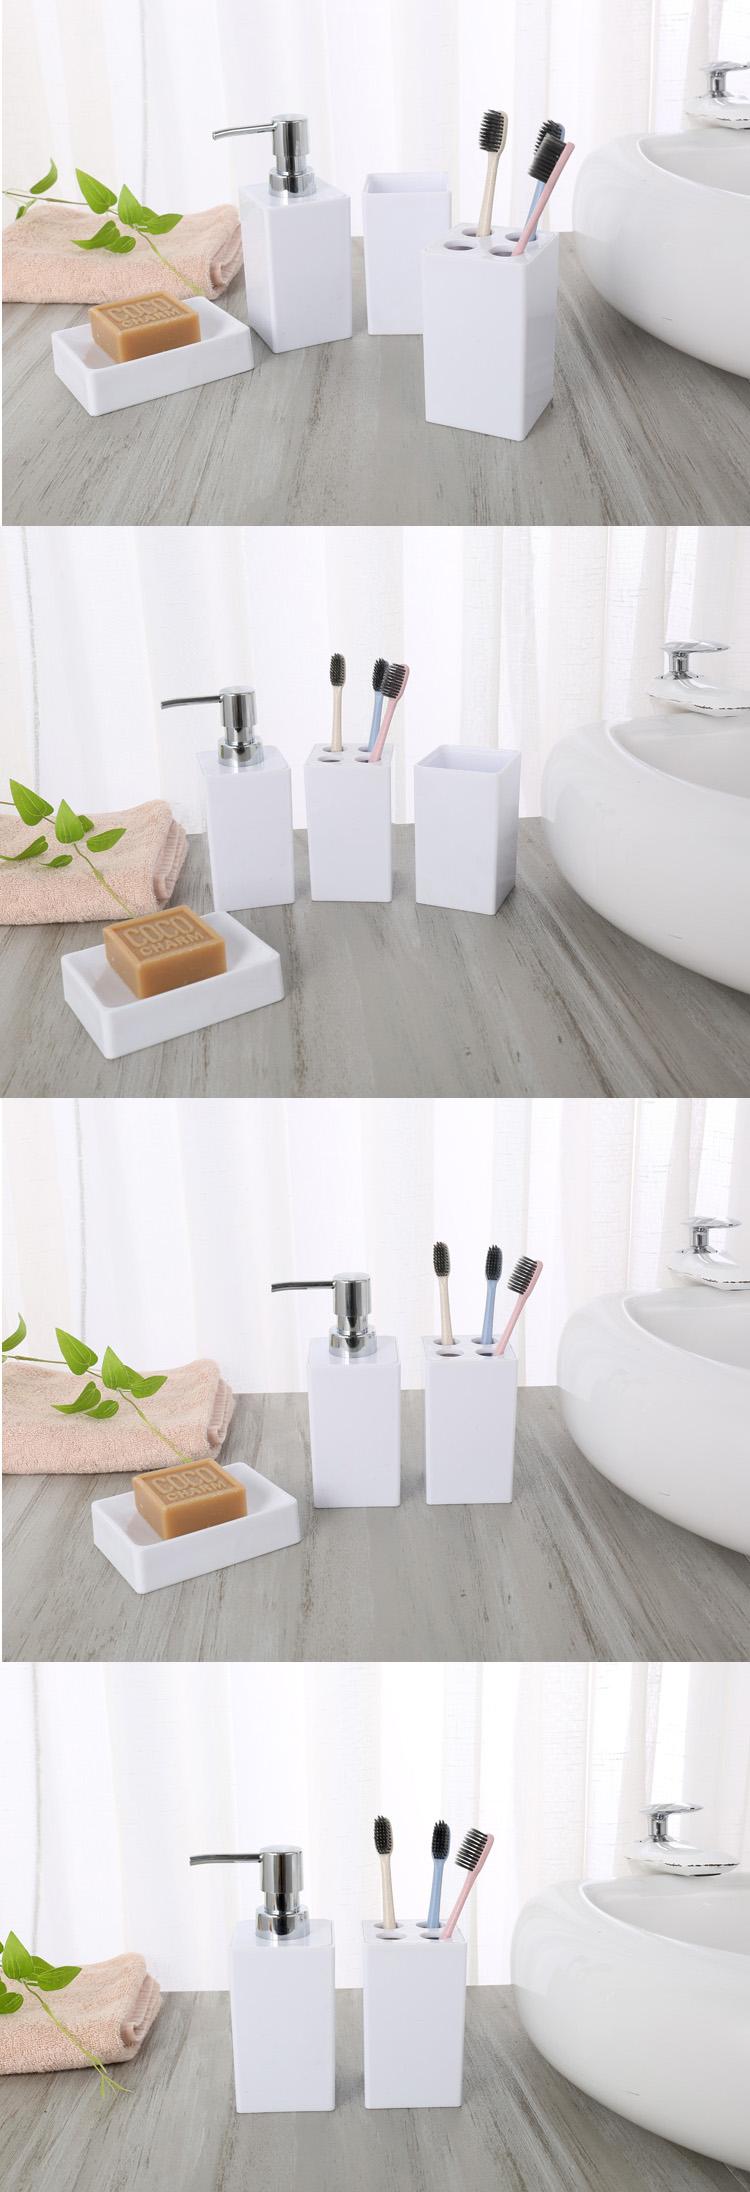 Cuarto De Baño De Plástico Baño Regalo Mate Color Disponible Accesorios De  Baño Toallas De Hotel De Lujo De Uso En El Hogar - Buy Conjunto De Baño De  ...